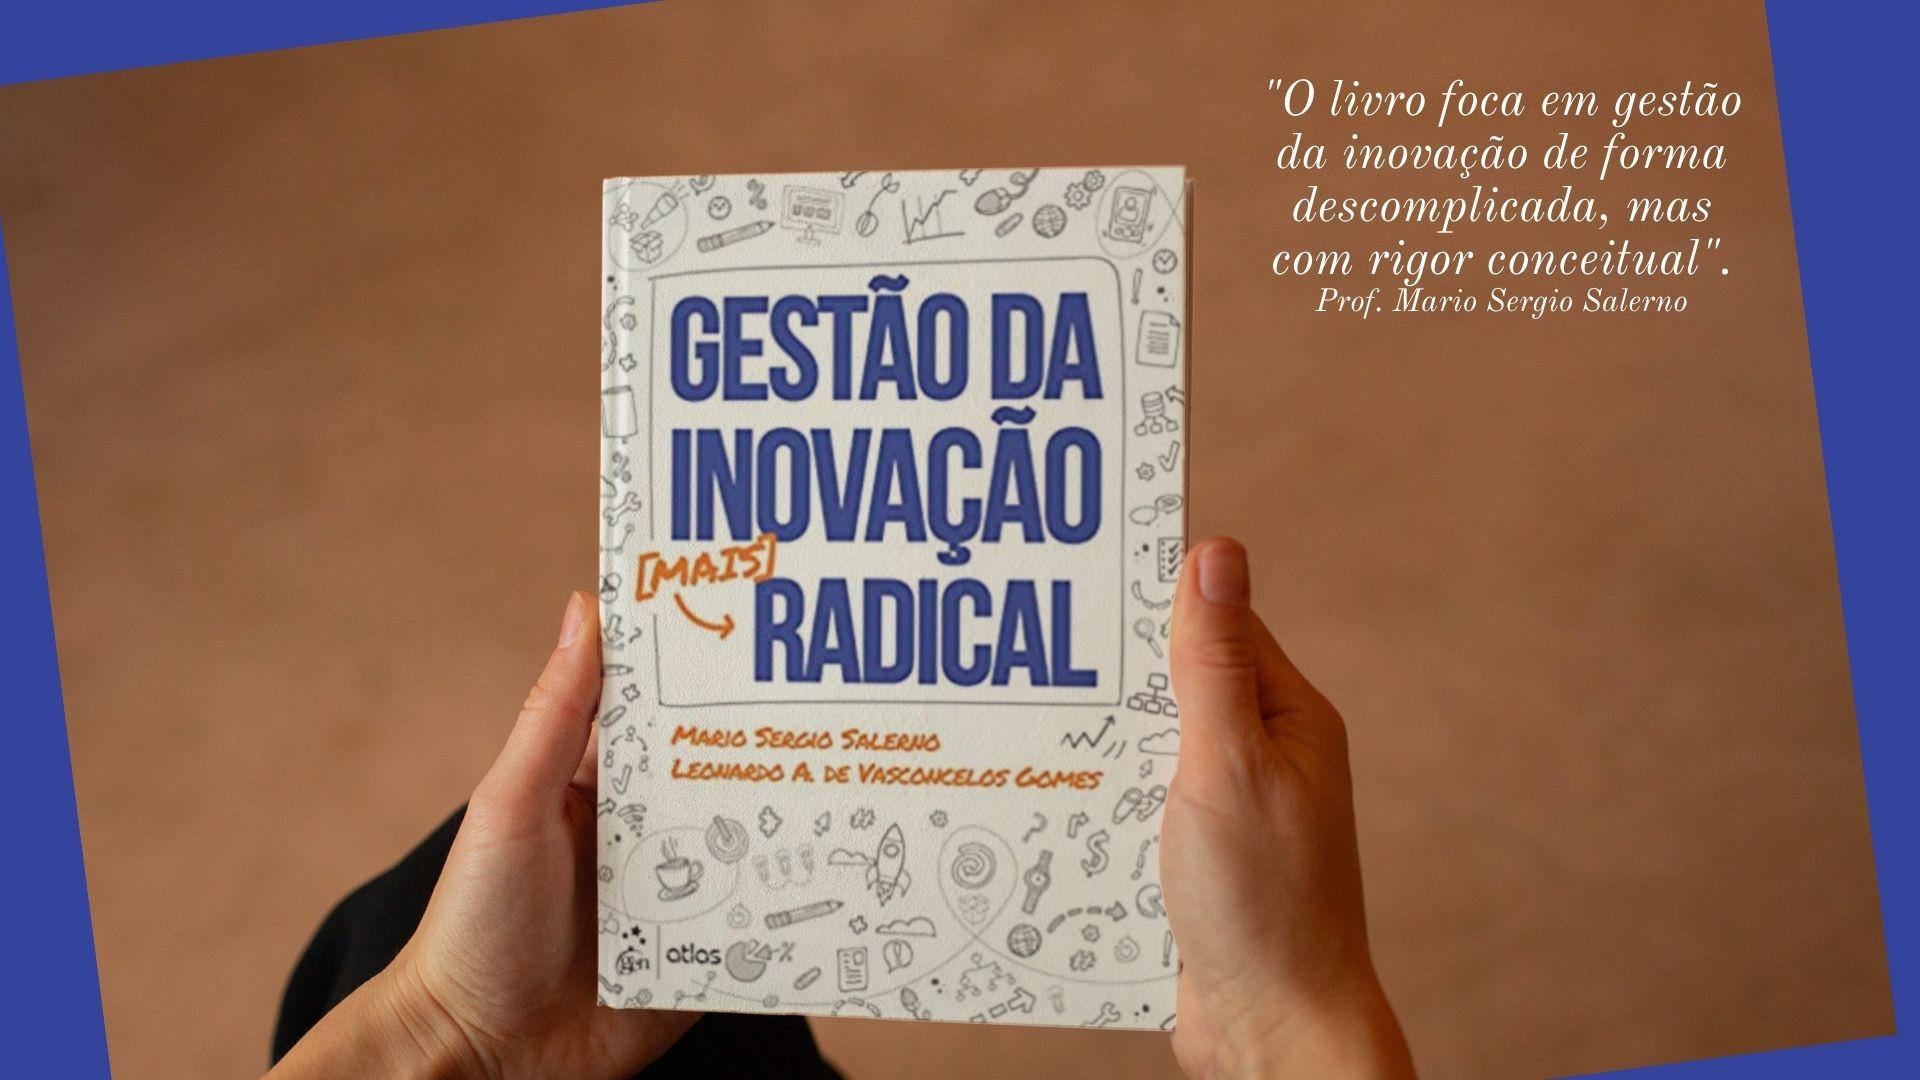 Livro Inovacao radical